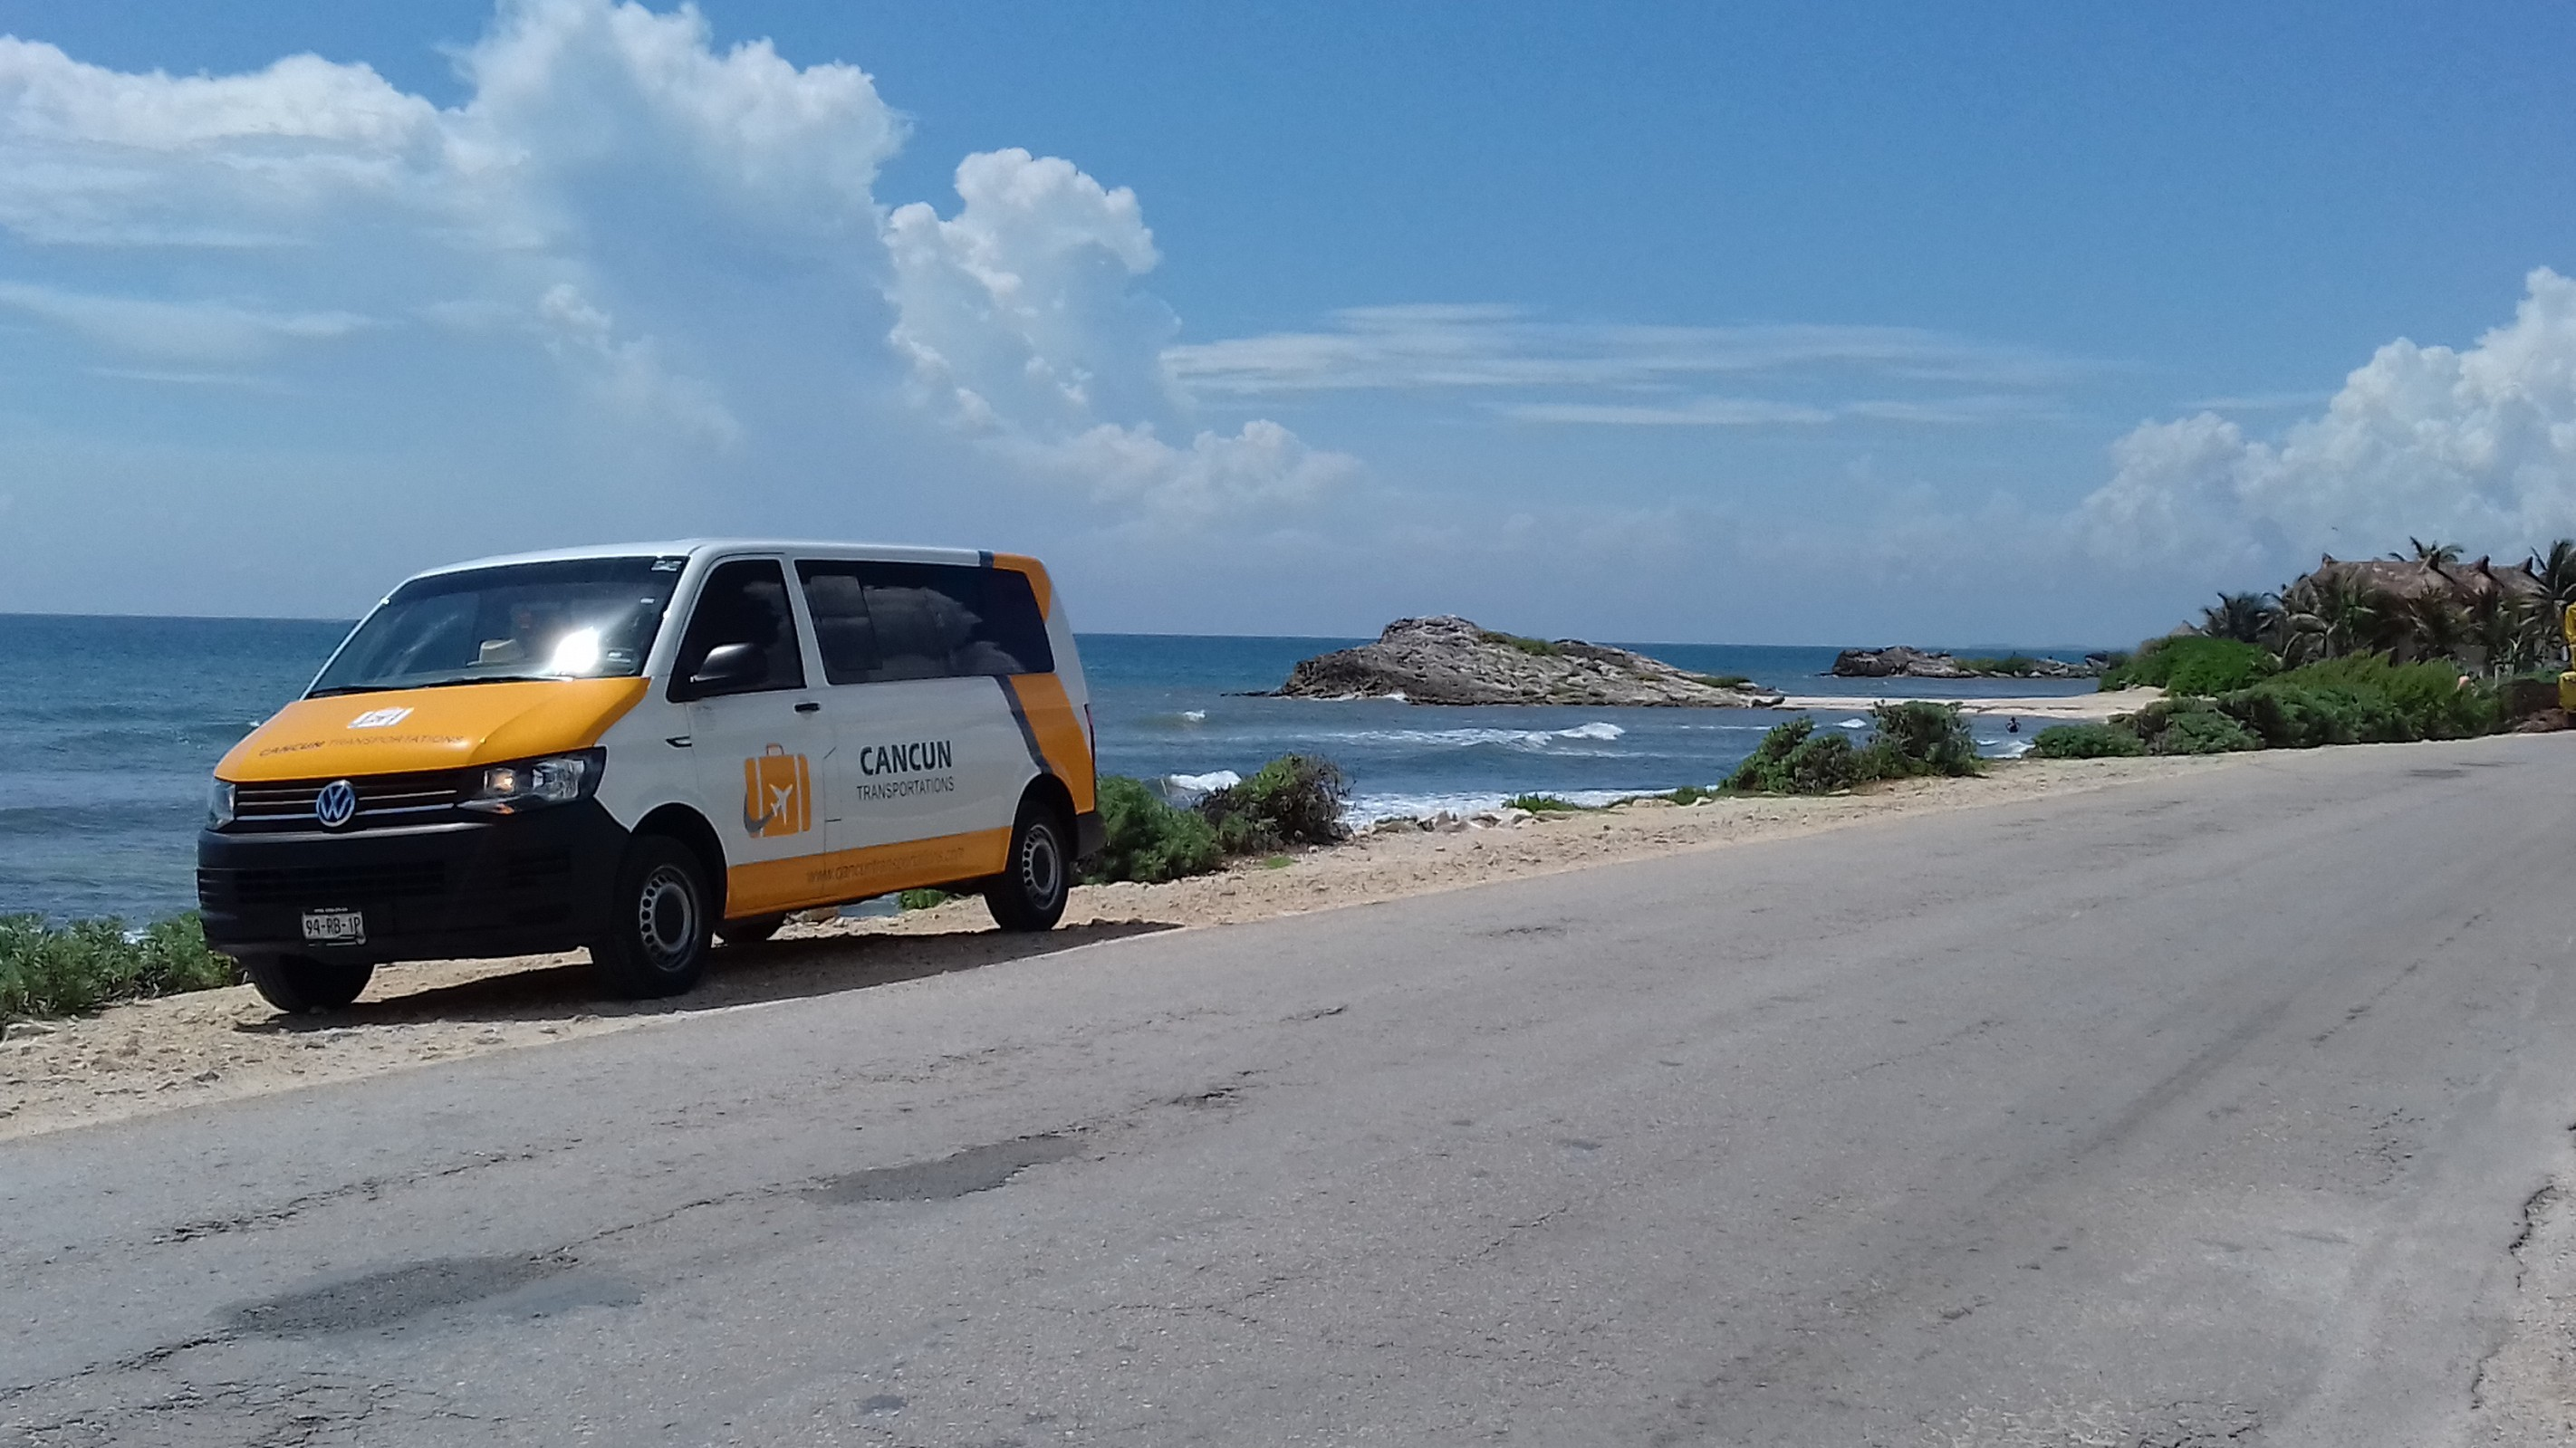 Transportacion Cancun